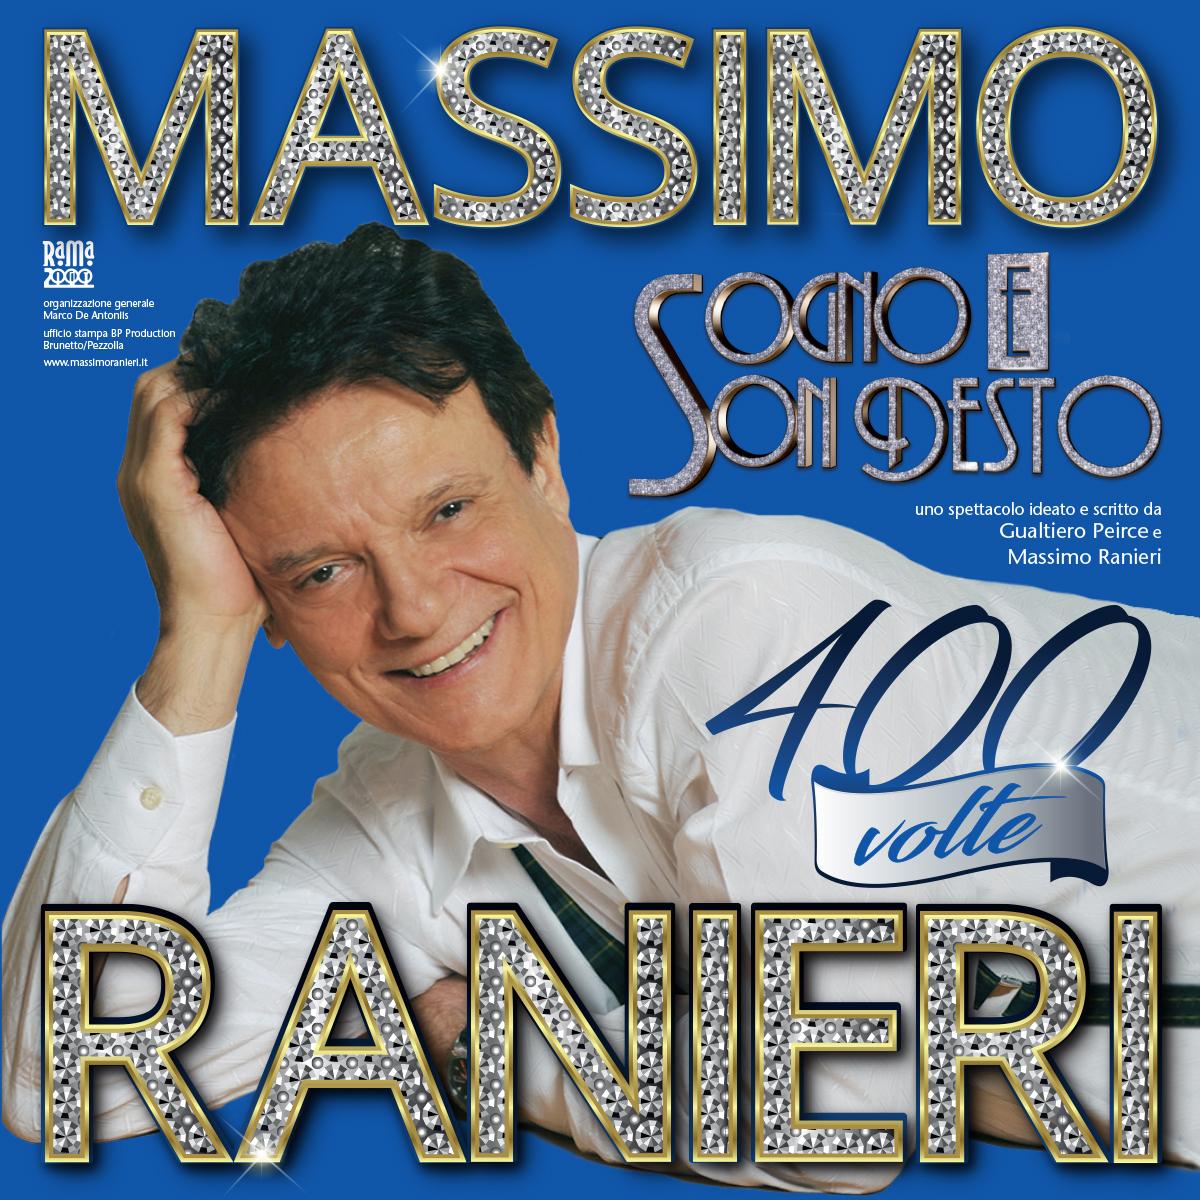 """IL 31 MAGGIO MASSIMO RANIERI AL """"GRAN TEATRO"""" PALADIANFLEX CON L'ACCLAMATO """"SOGNO E SON DESTO 400 VOLTE"""""""